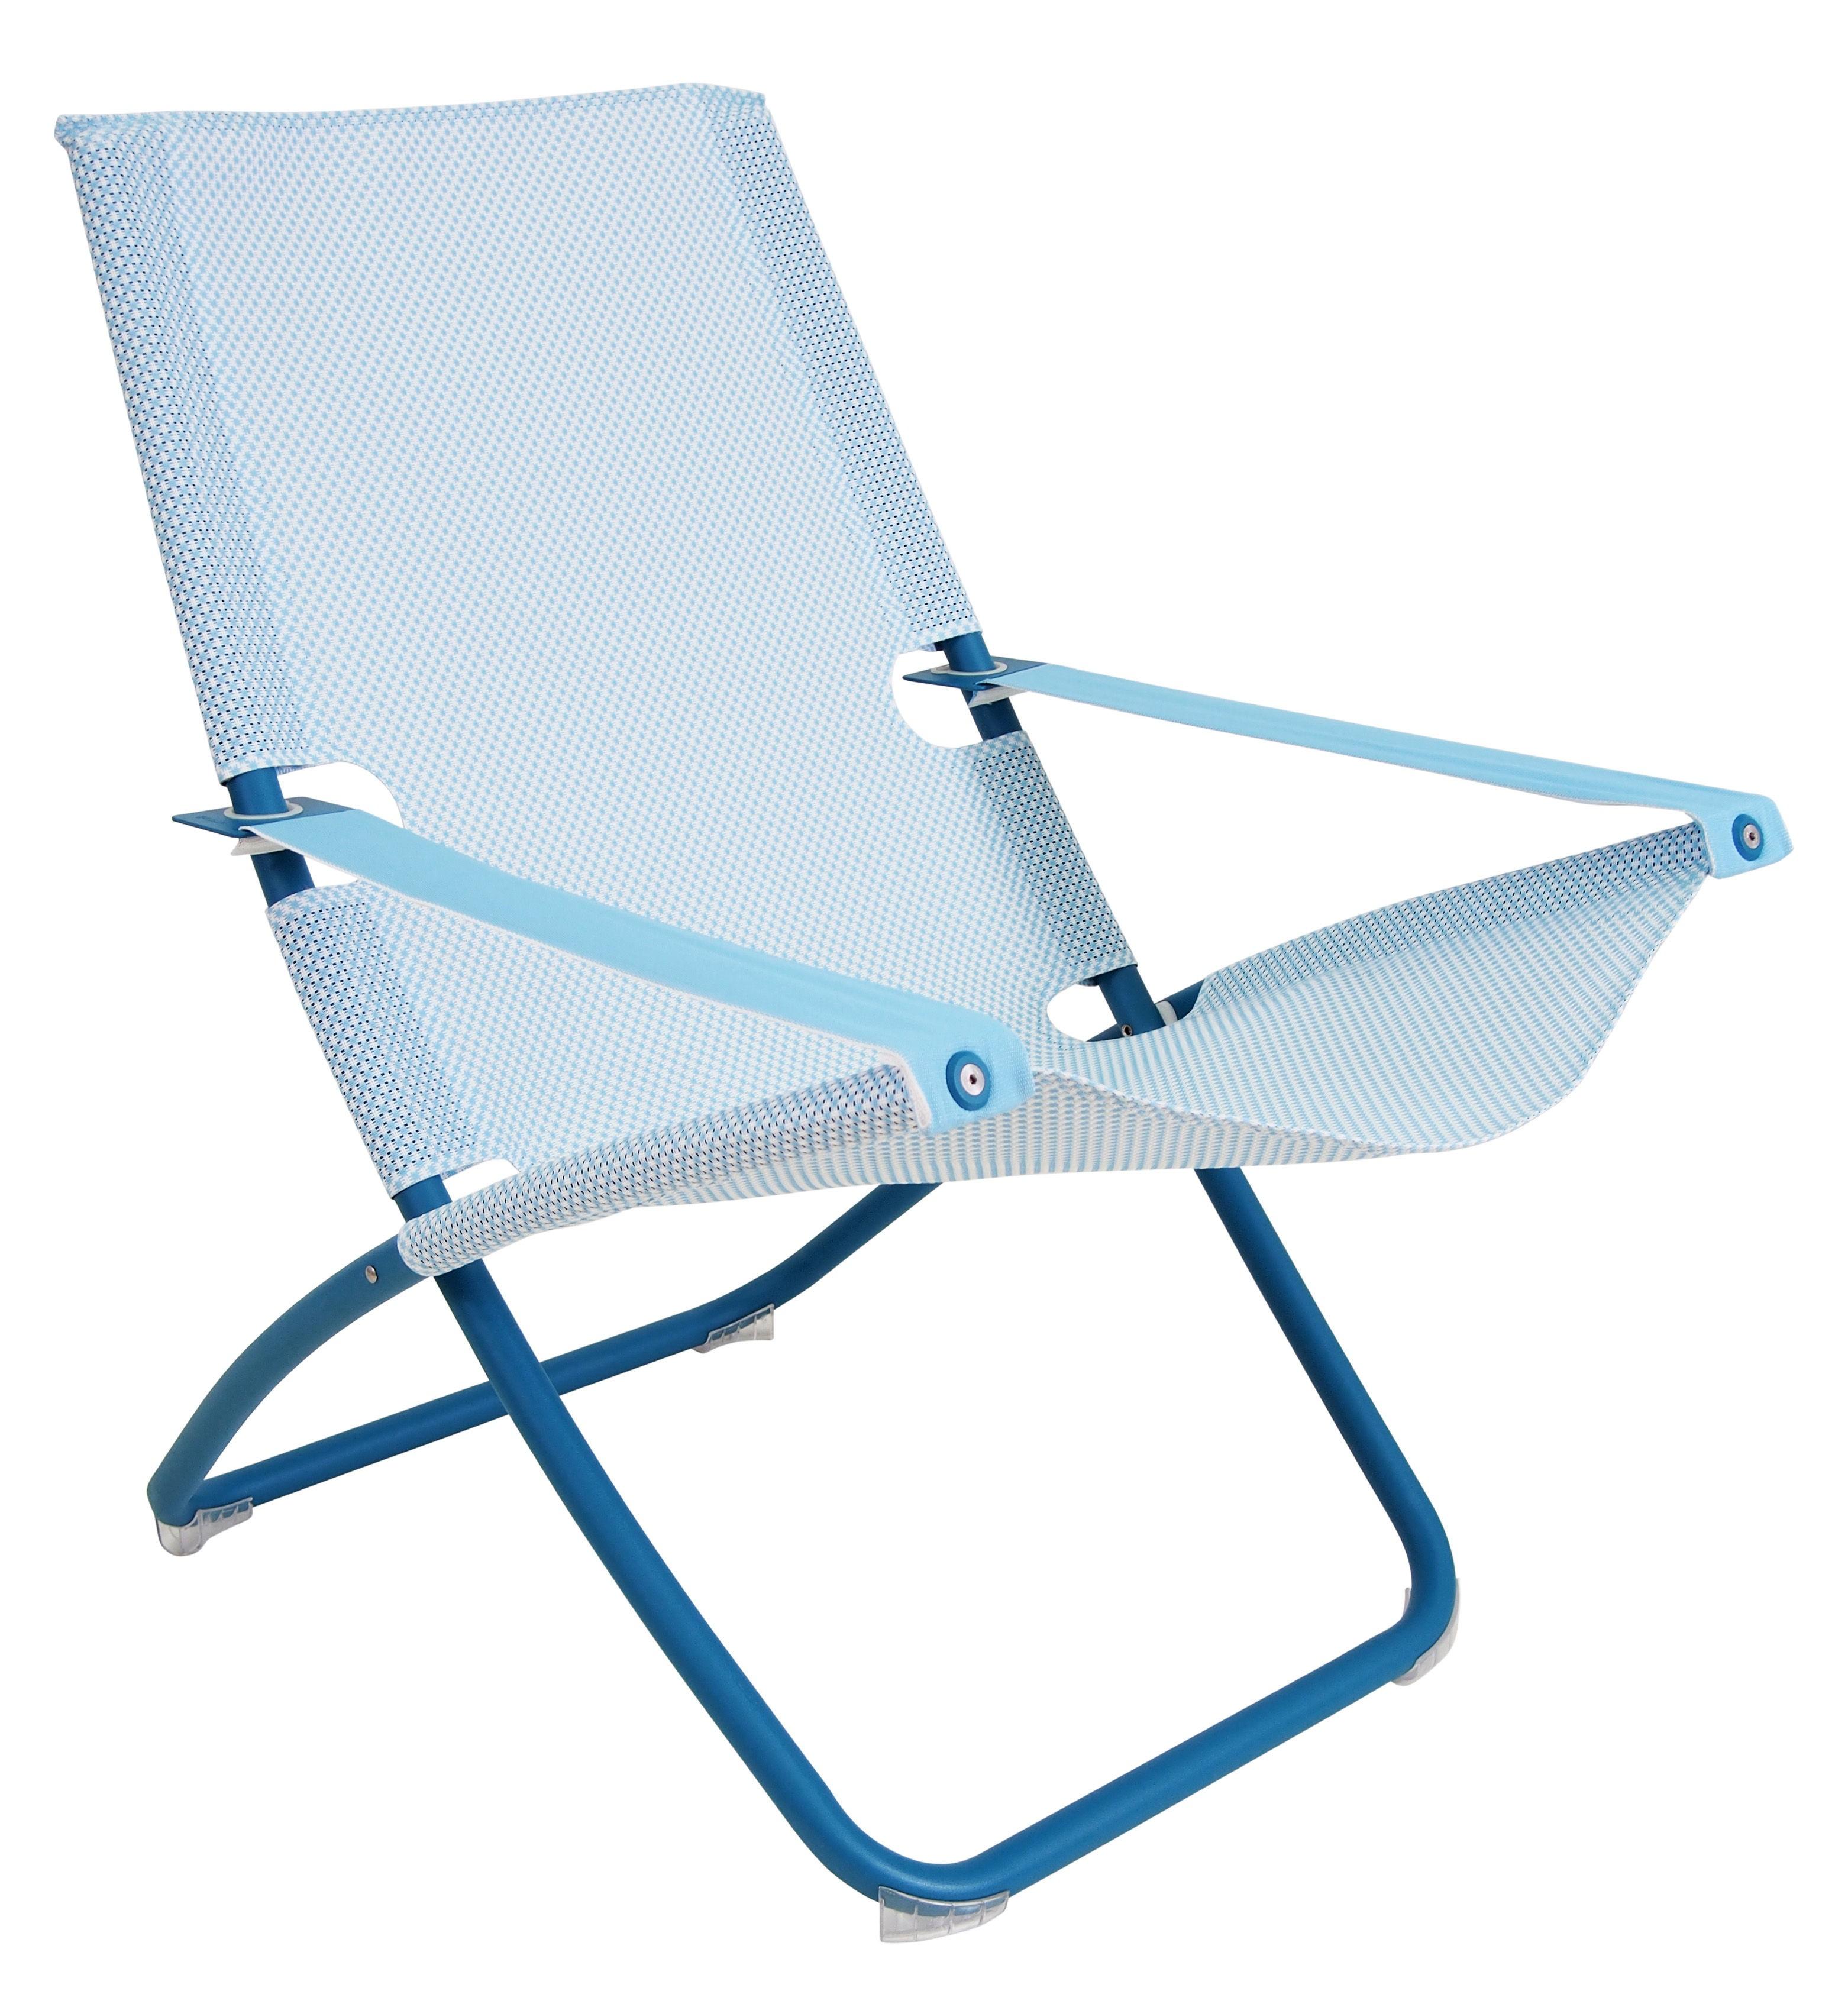 Chaise Longue Snooze De Emu Bleu